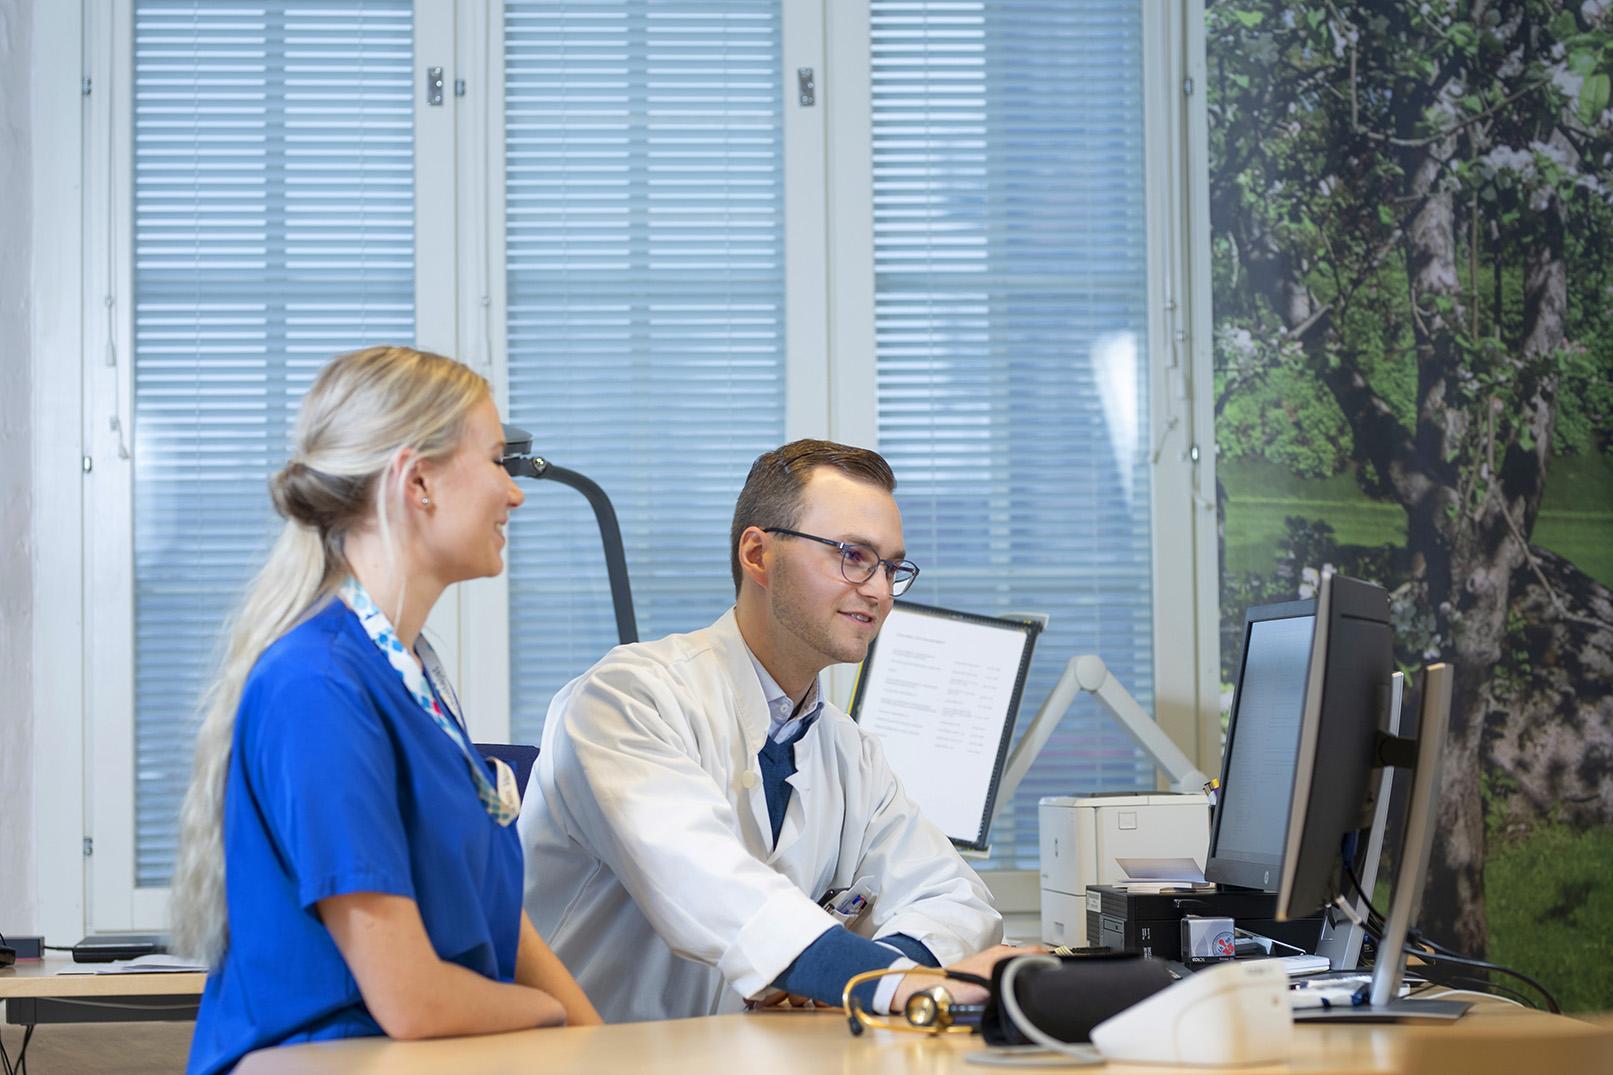 Hoitaja ja lääkäri keskustelevat tietokoneen äärellä